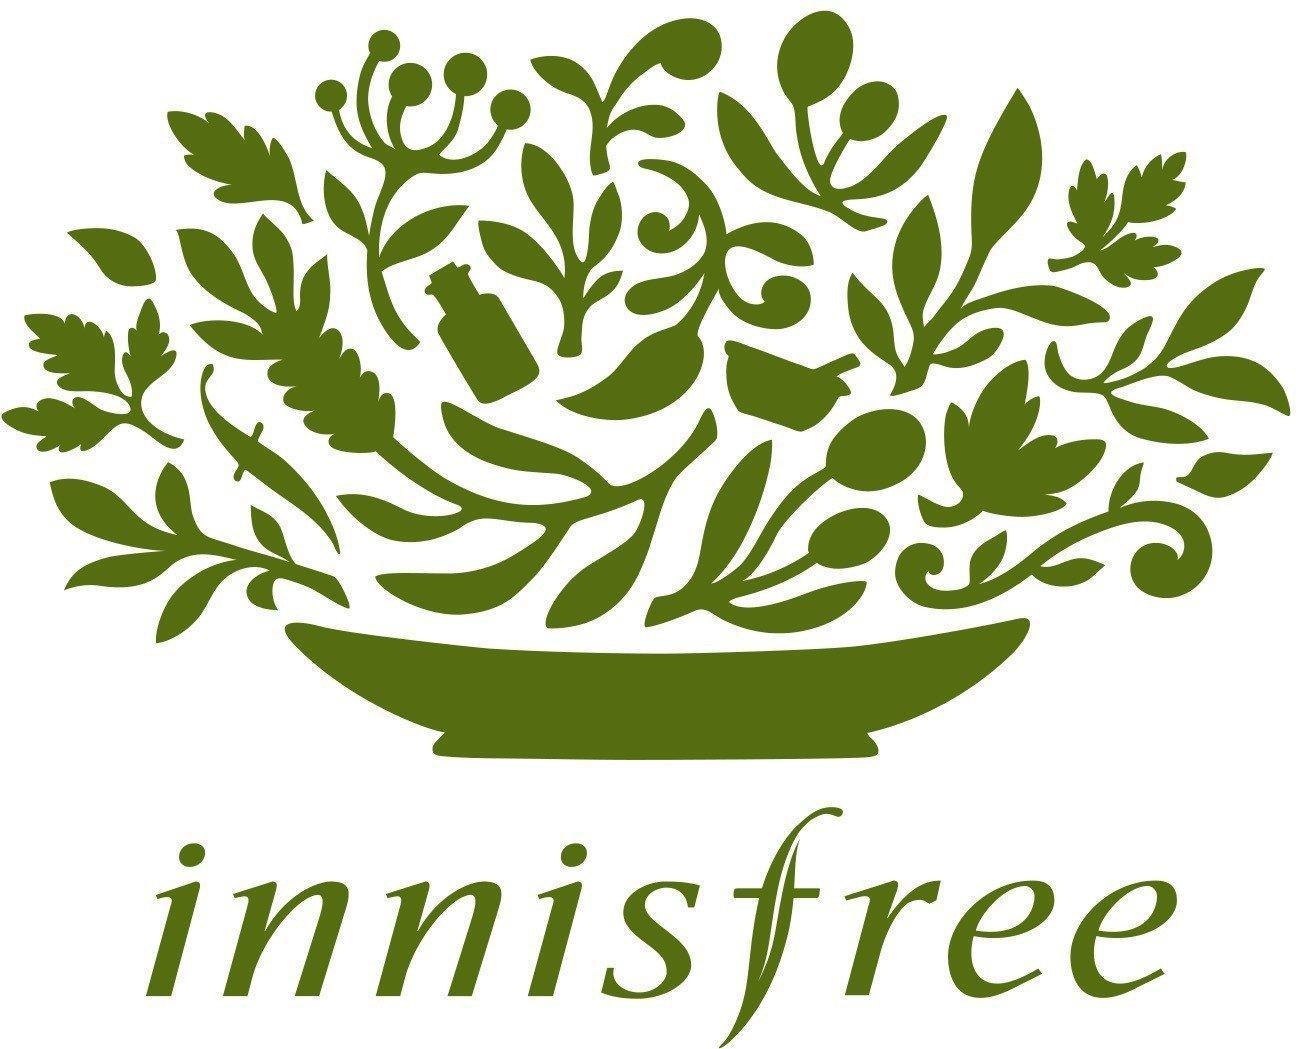 Thương hiệu Innisfree có nguyên liệu thiên nhiên an toàn và lành tính cho da bạn. (nguồn: Internet)